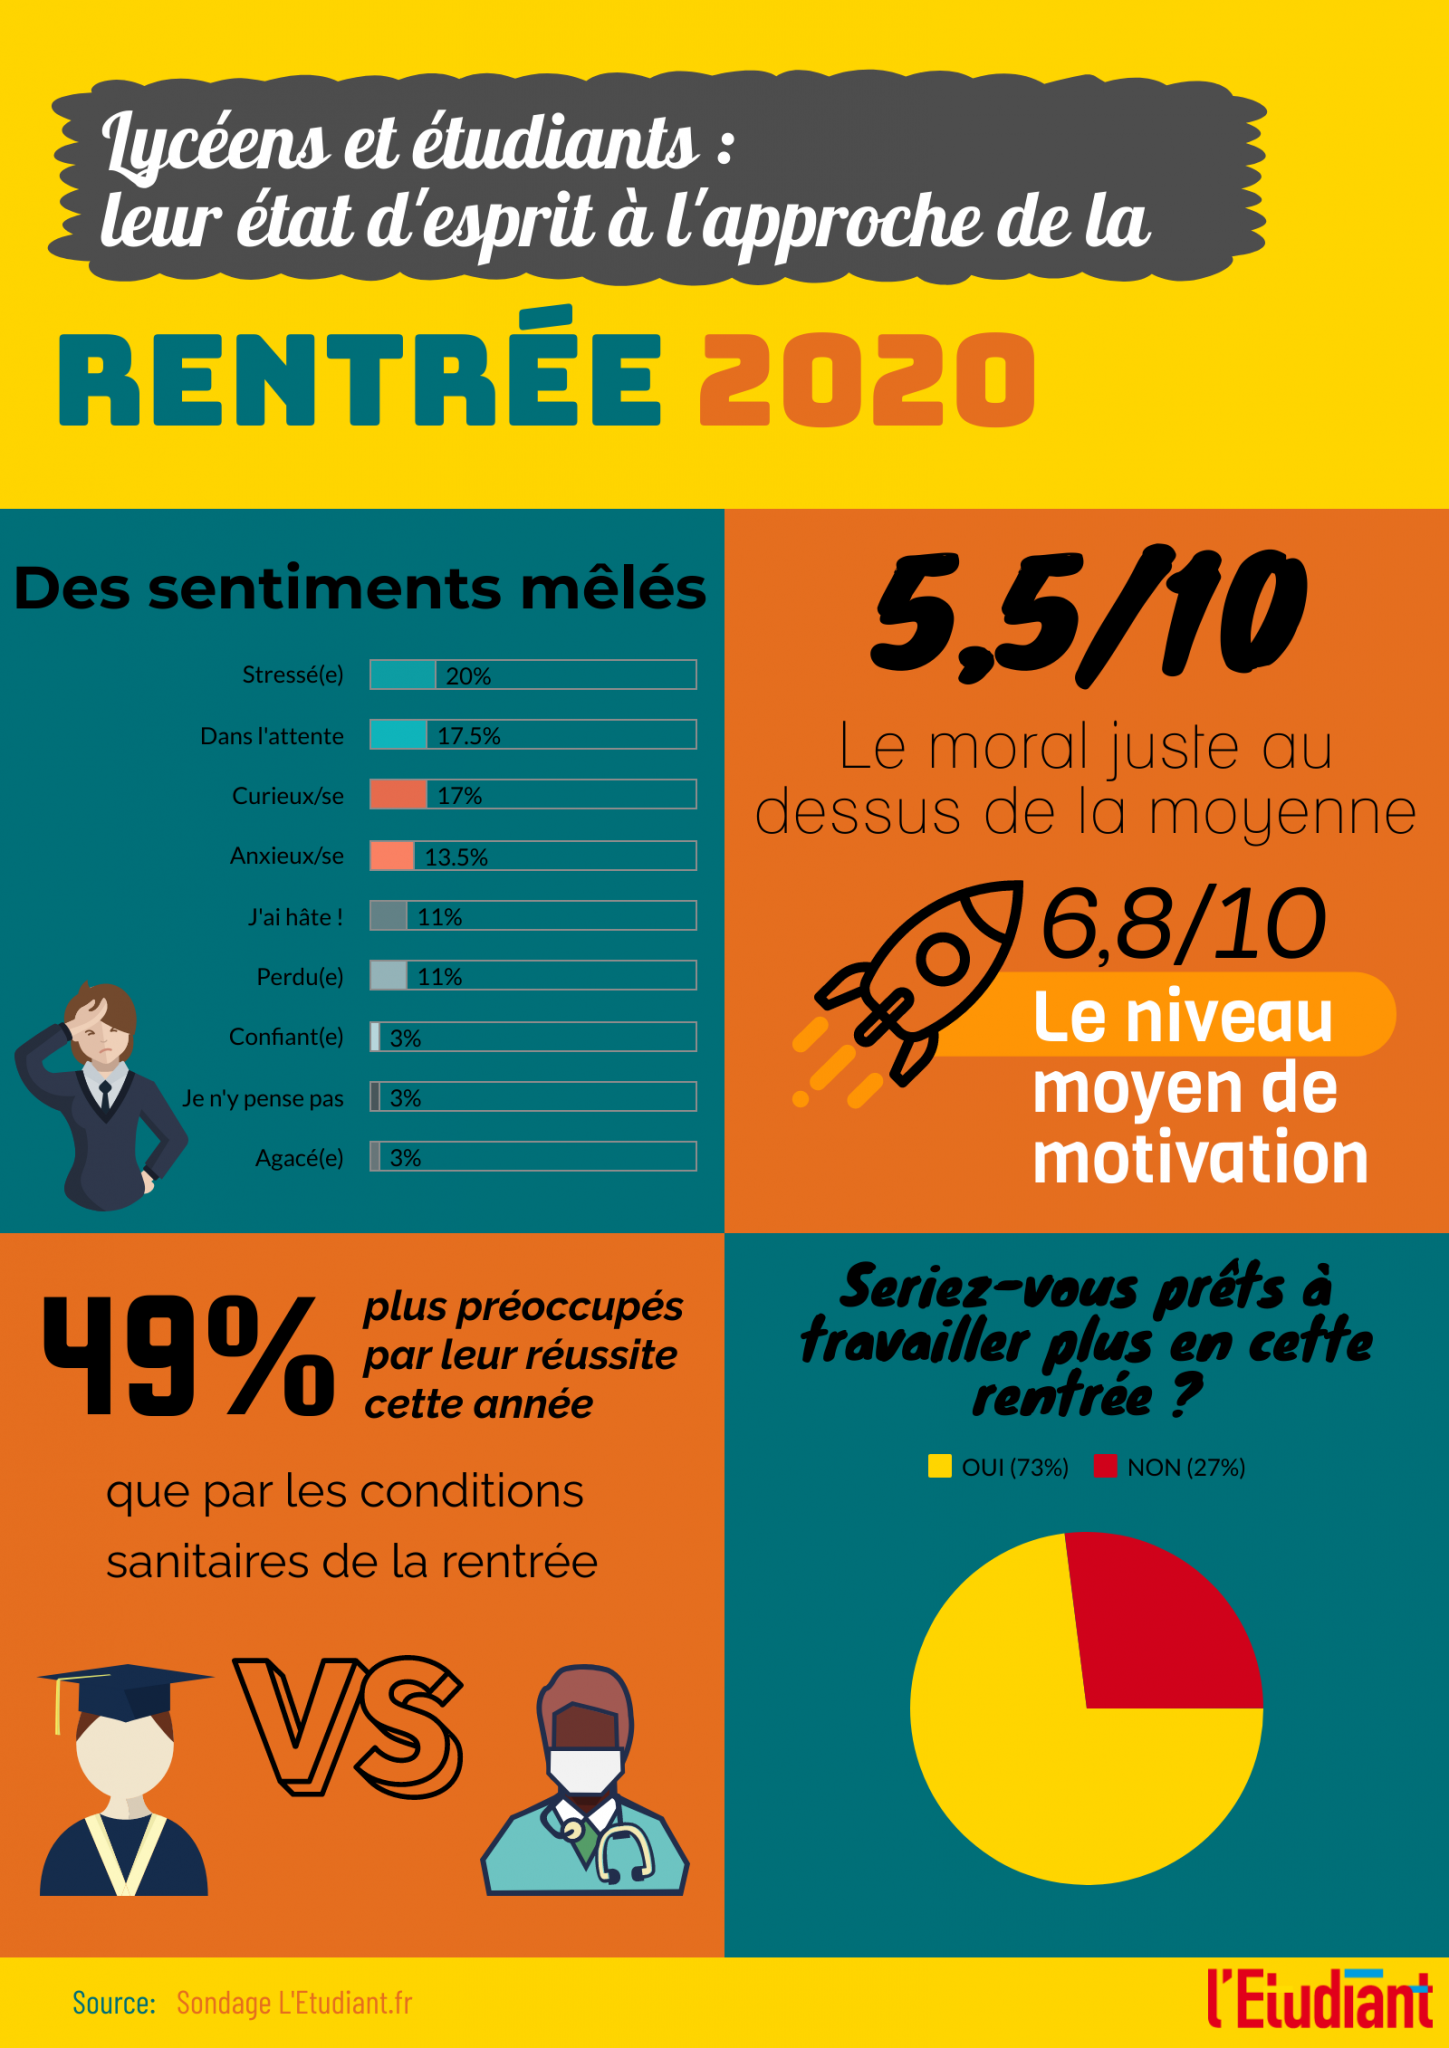 Lycéens et étudiants : leur état d'esprit à l'approche de la rentrée 2020